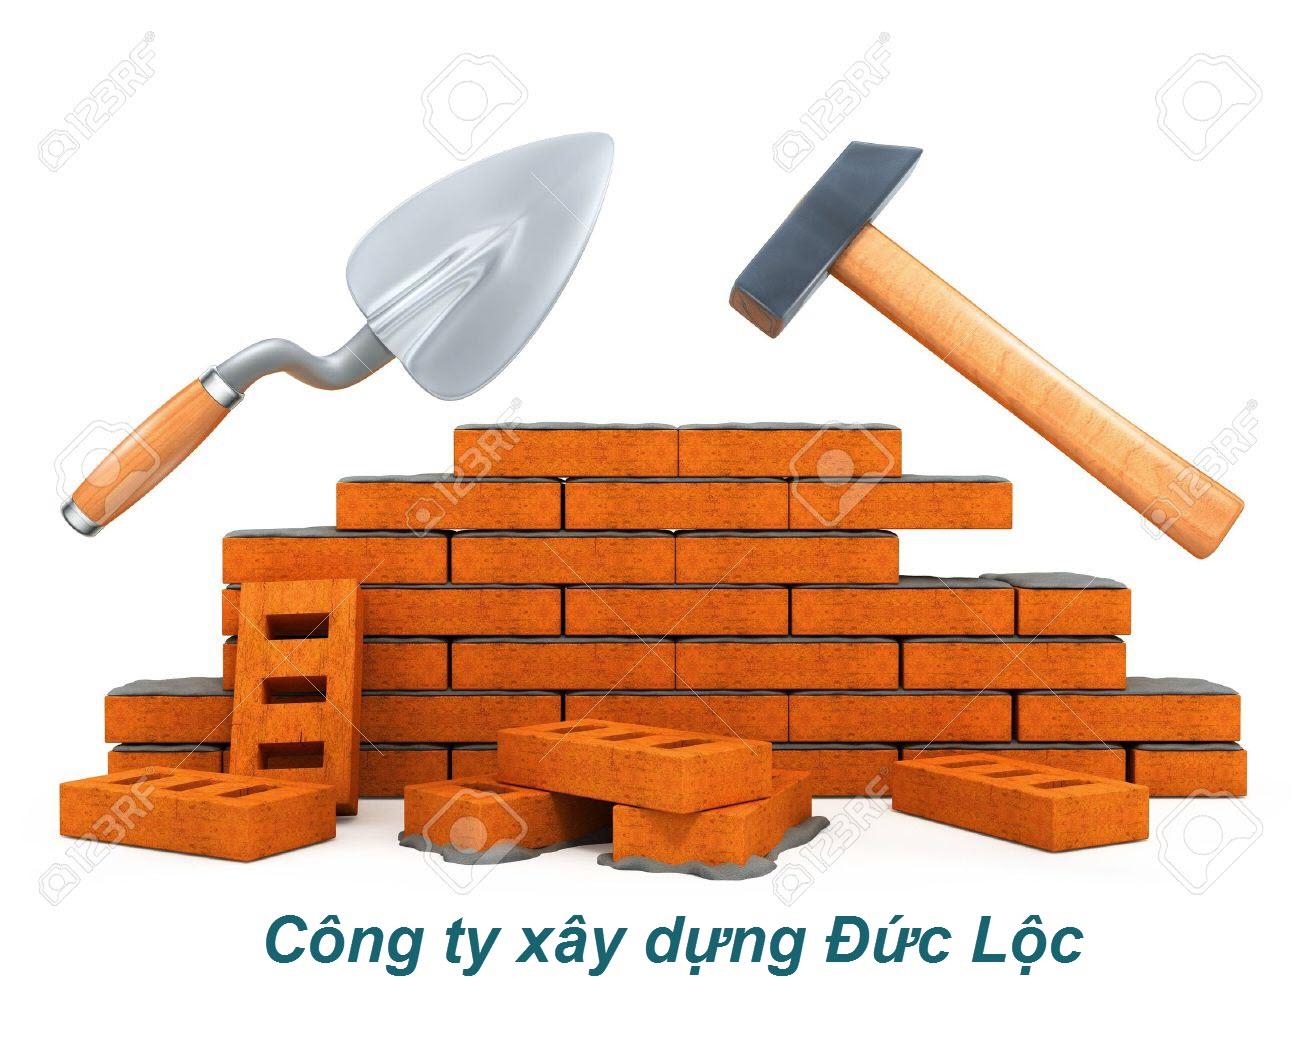 Công ty xây dựng Đức Lộc